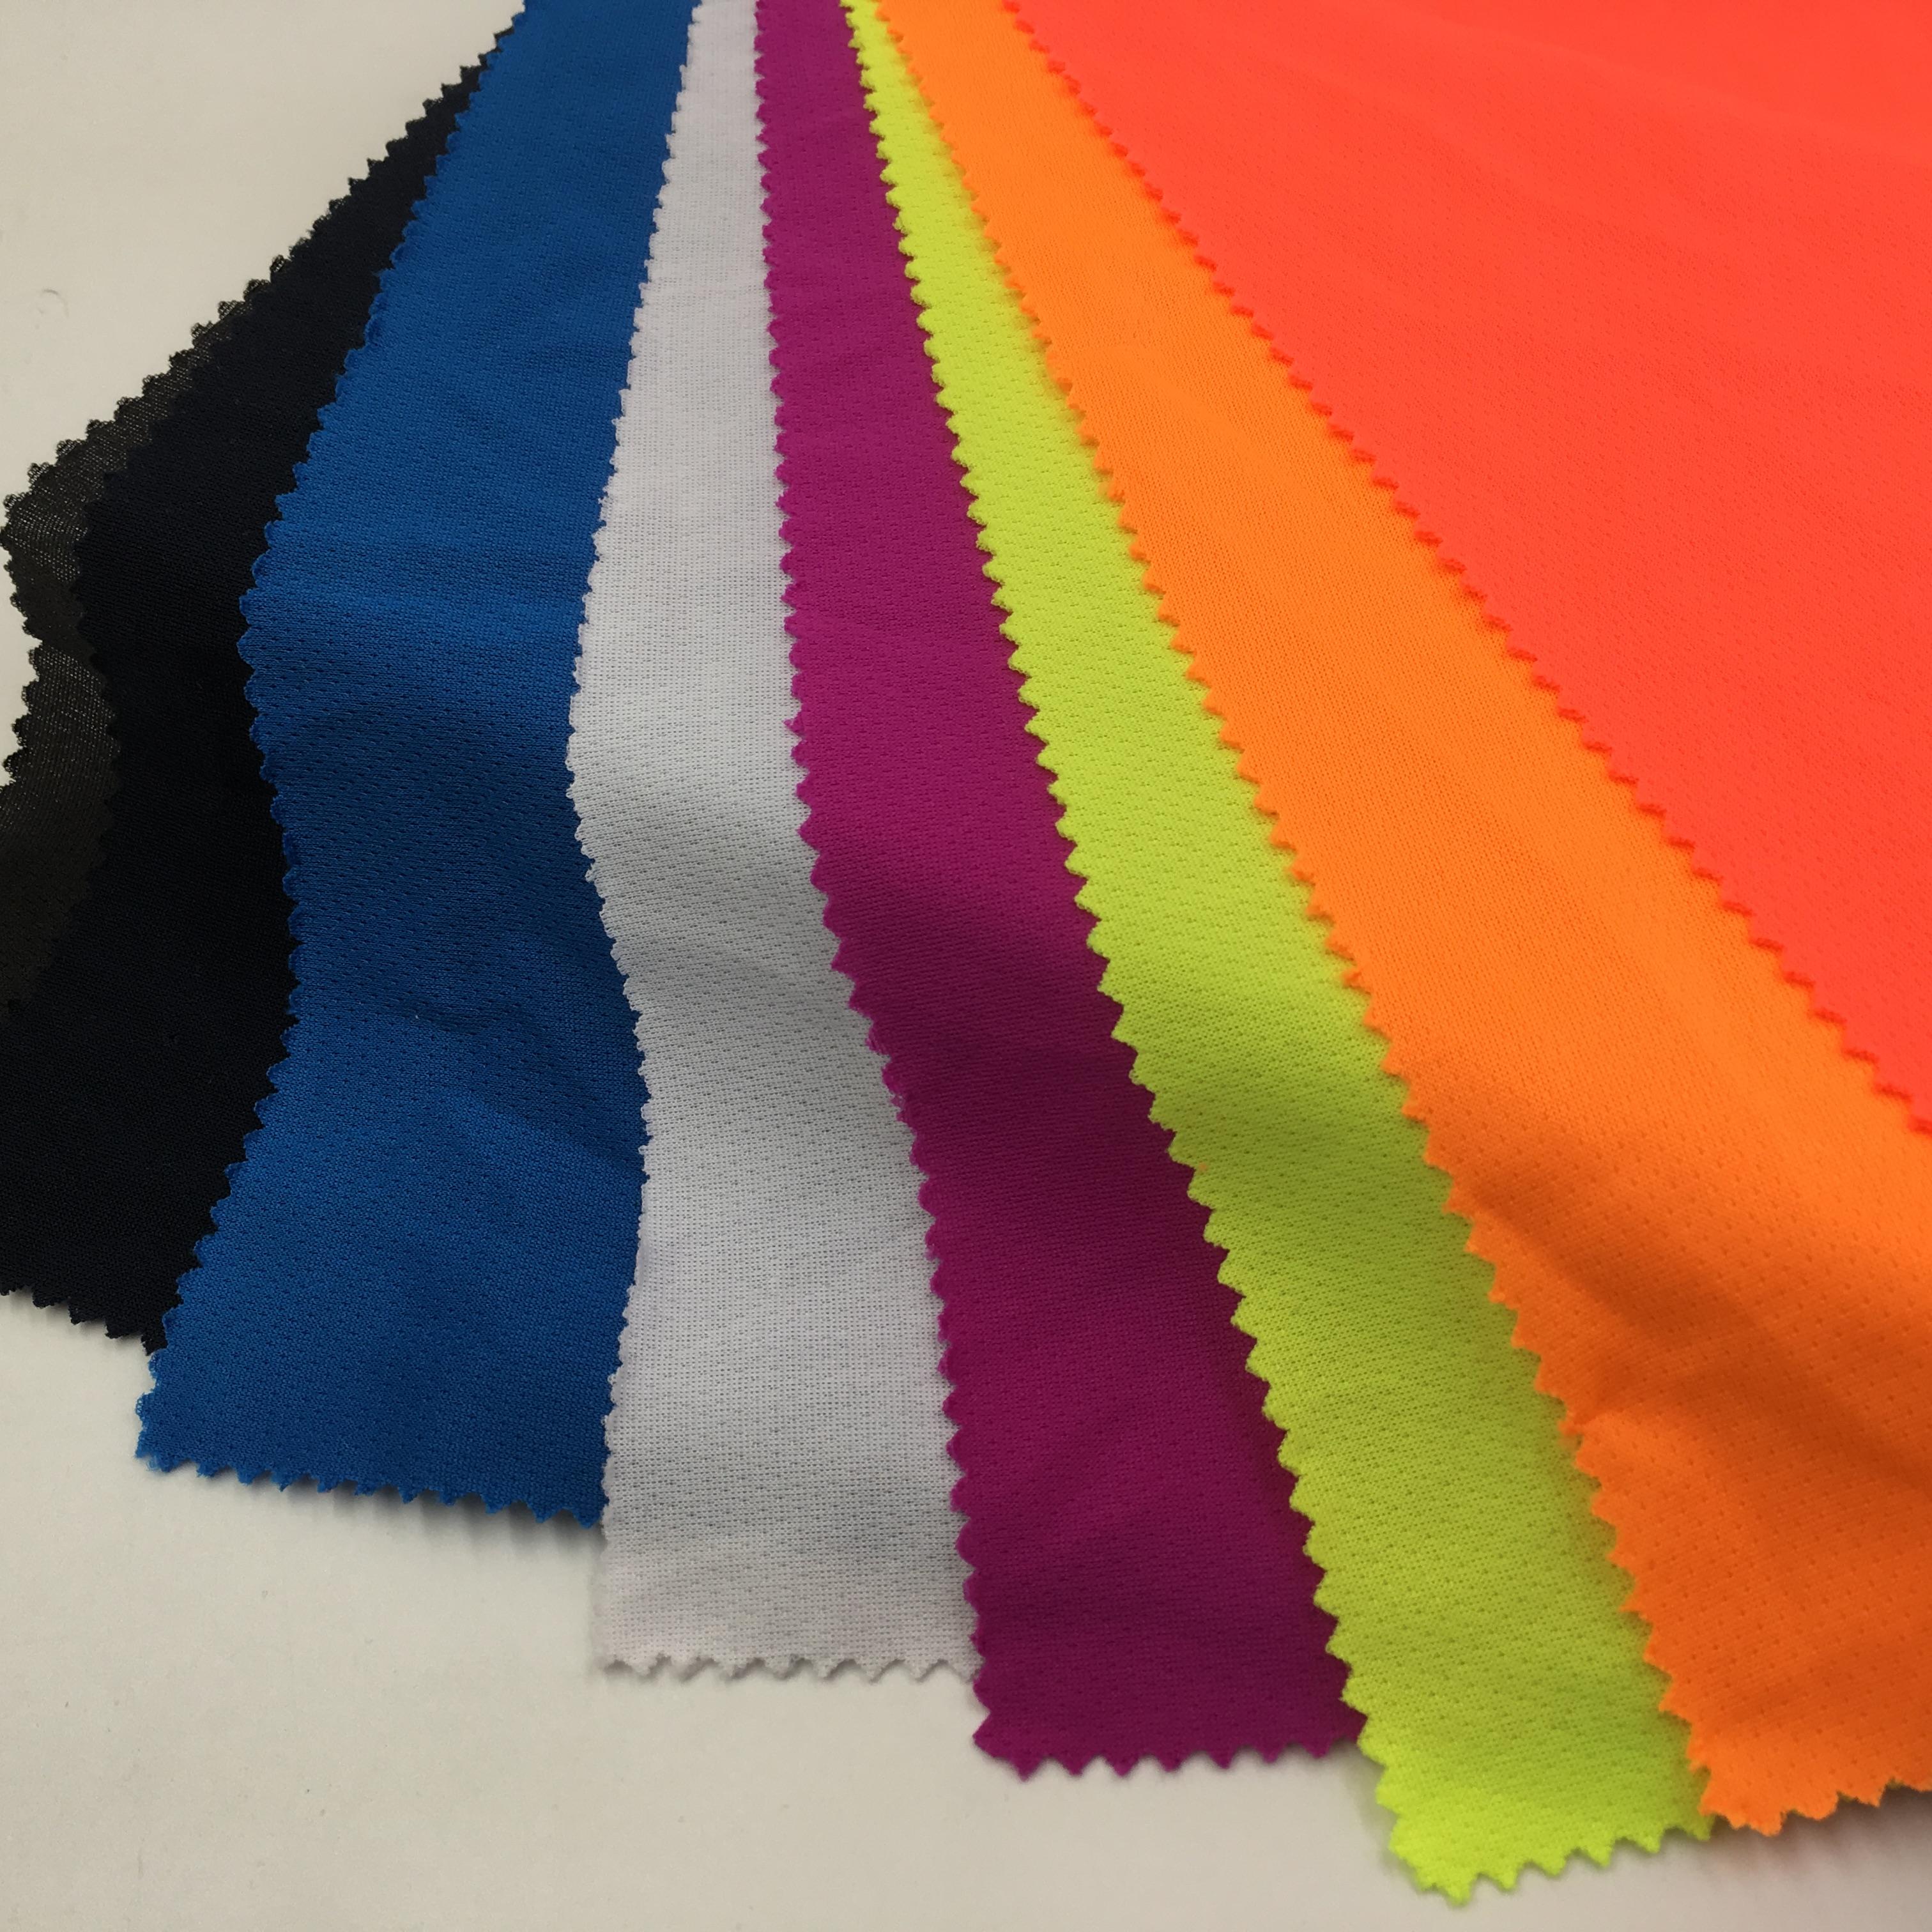 Высококачественная многоцветная рубашка-поло из 100% полиэстера, трикотажная ткань пике